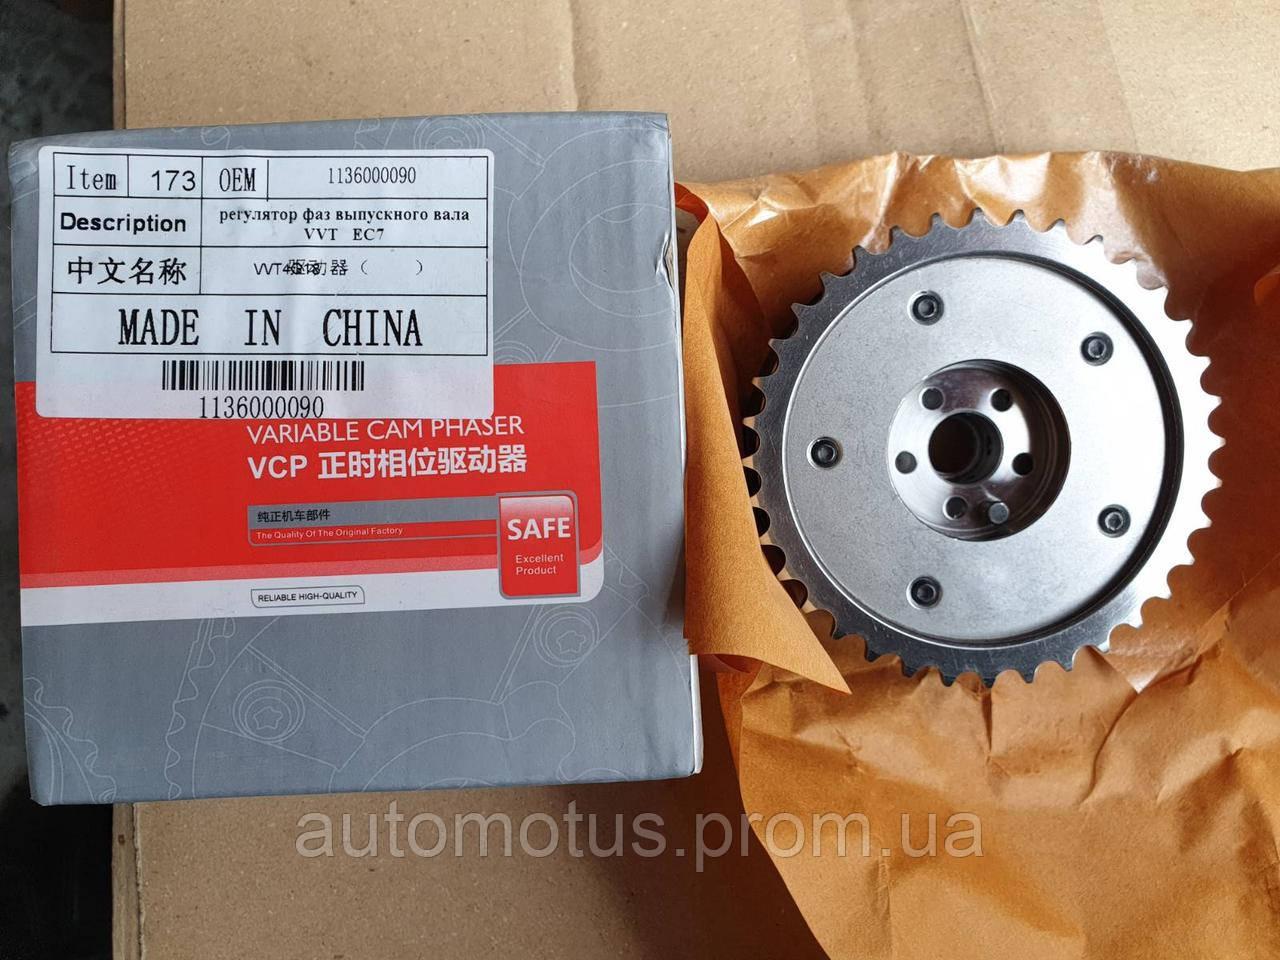 Регулятор фаз выпускного вала VVT  оригинал  EC7/EC7RV